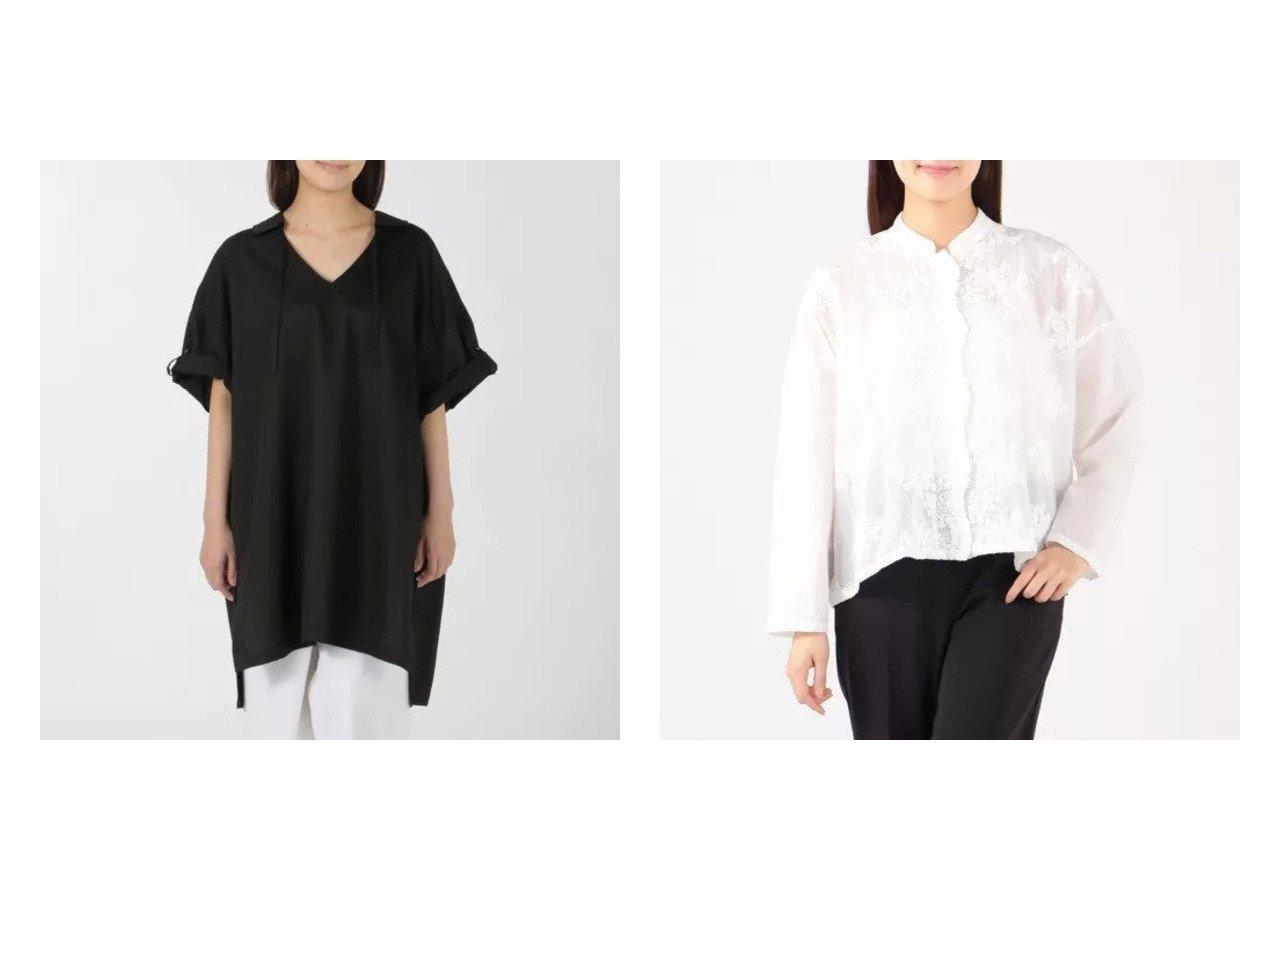 【mizuiro ind/ミズイロ インド】のV neck with collar tunic&front lace stand collar wide shirt 【トップス・カットソー】おすすめ!人気、トレンド・レディースファッションの通販 おすすめで人気の流行・トレンド、ファッションの通販商品 インテリア・家具・メンズファッション・キッズファッション・レディースファッション・服の通販 founy(ファニー) https://founy.com/ ファッション Fashion レディースファッション WOMEN トップス・カットソー Tops/Tshirt シャツ/ブラウス Shirts/Blouses シンプル スリット チュニック フロント ボトム ワイド 半袖 洗える ショート スタイリッシュ スタンド フェミニン レース 長袖  ID:crp329100000045331